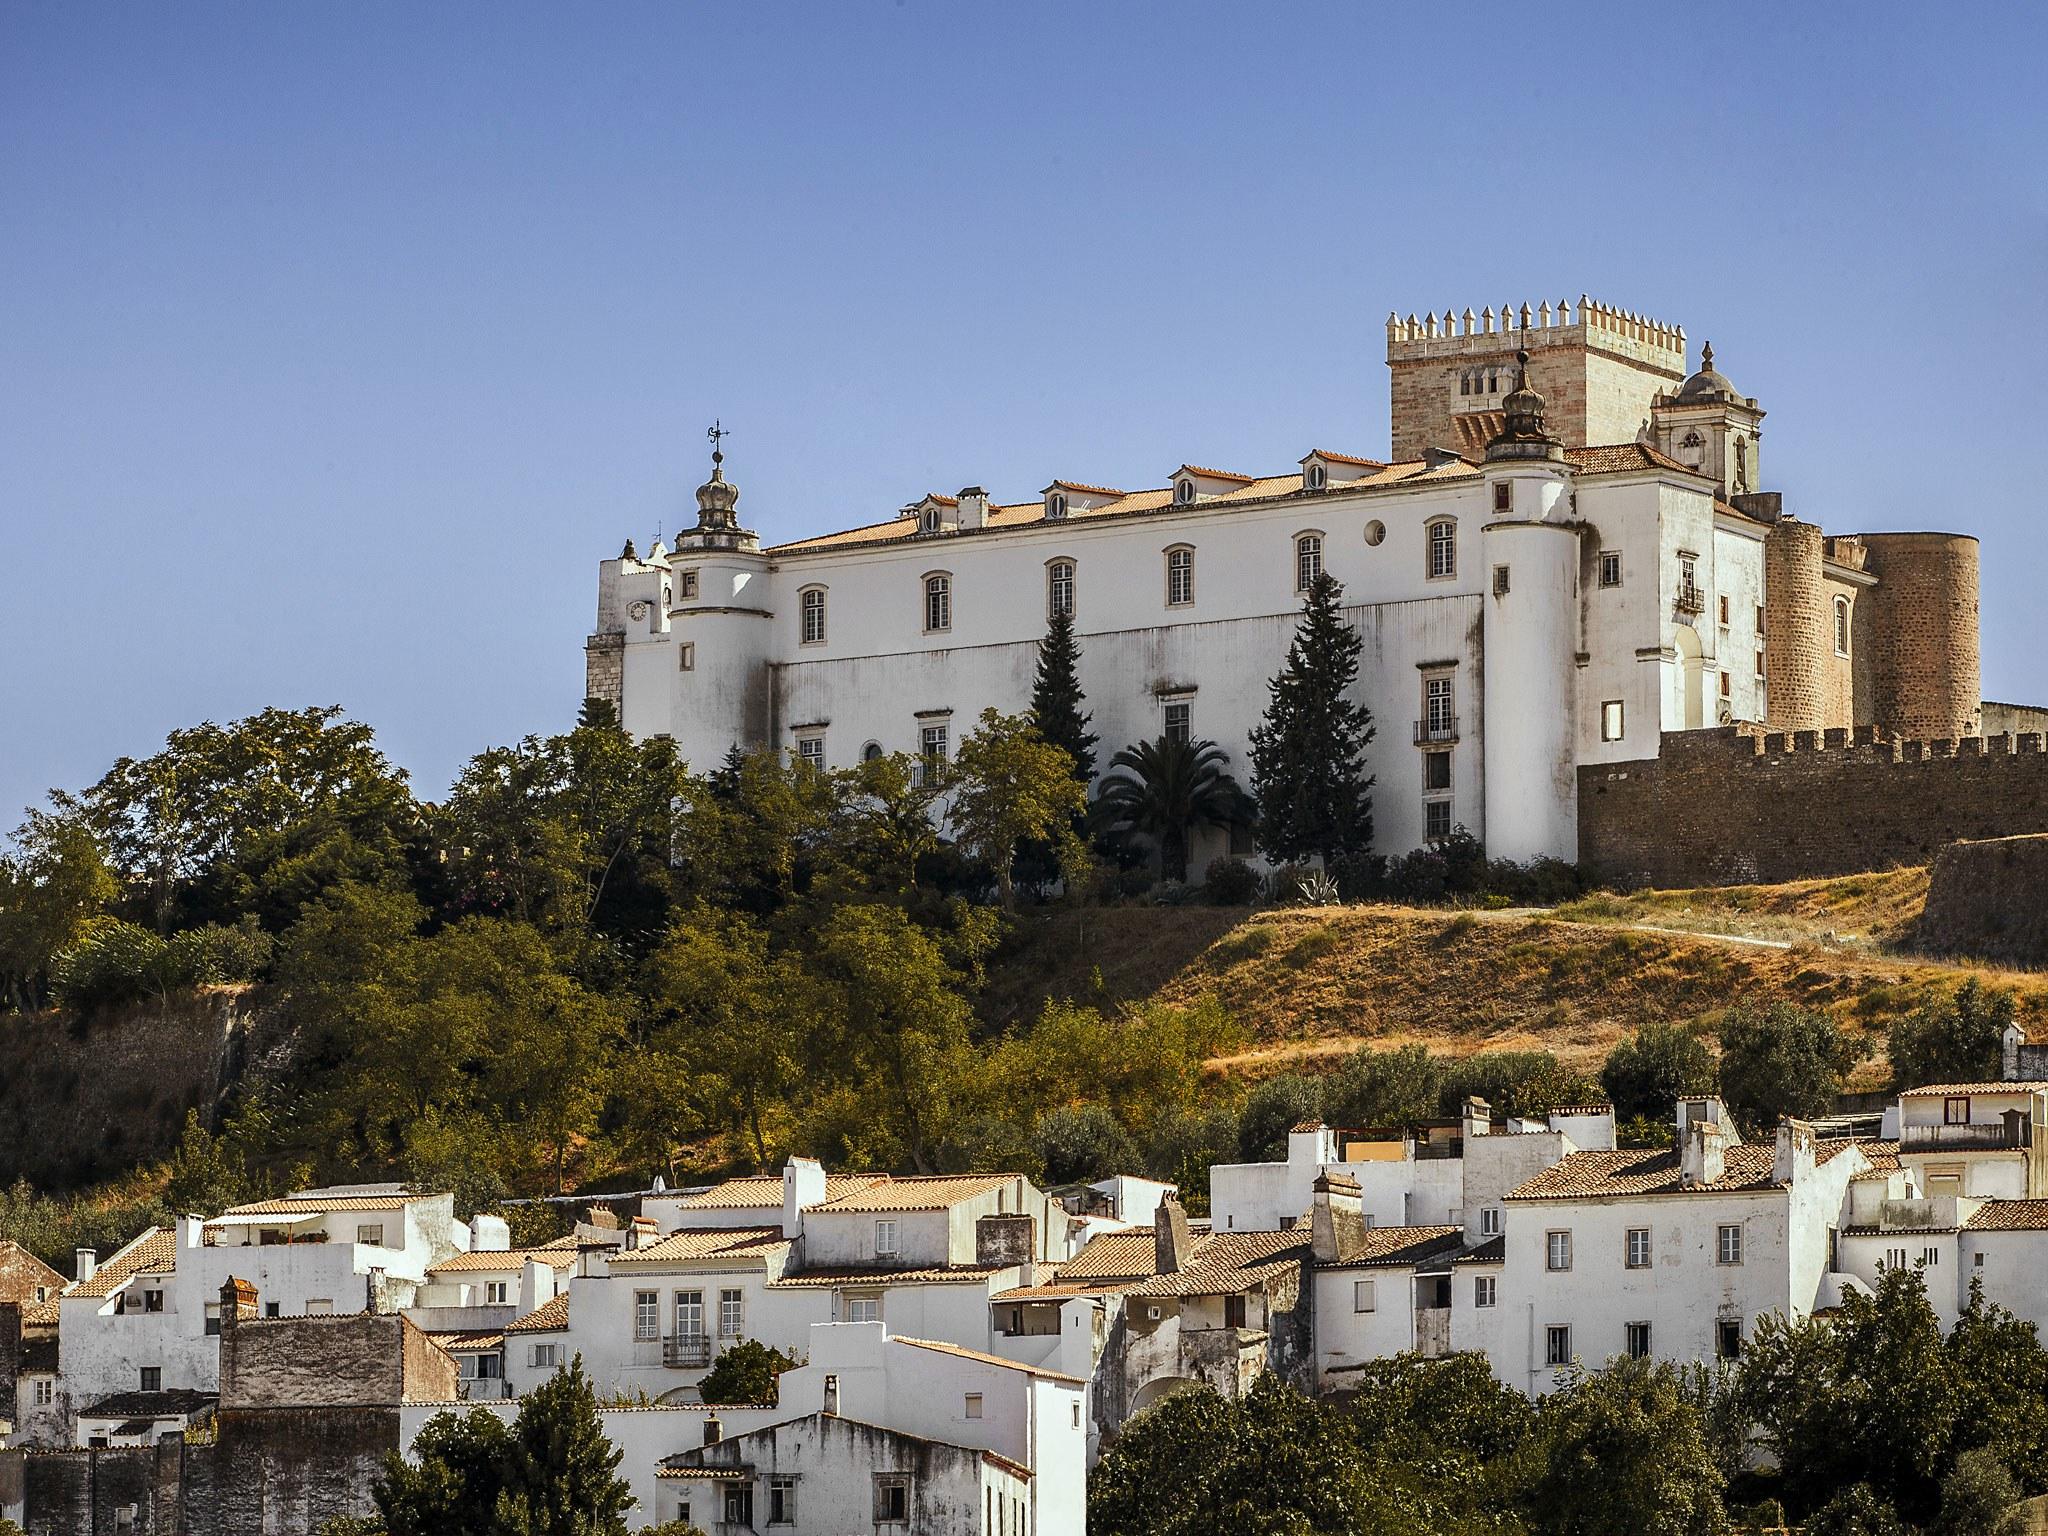 estremoz-castle-alentejo-portugal